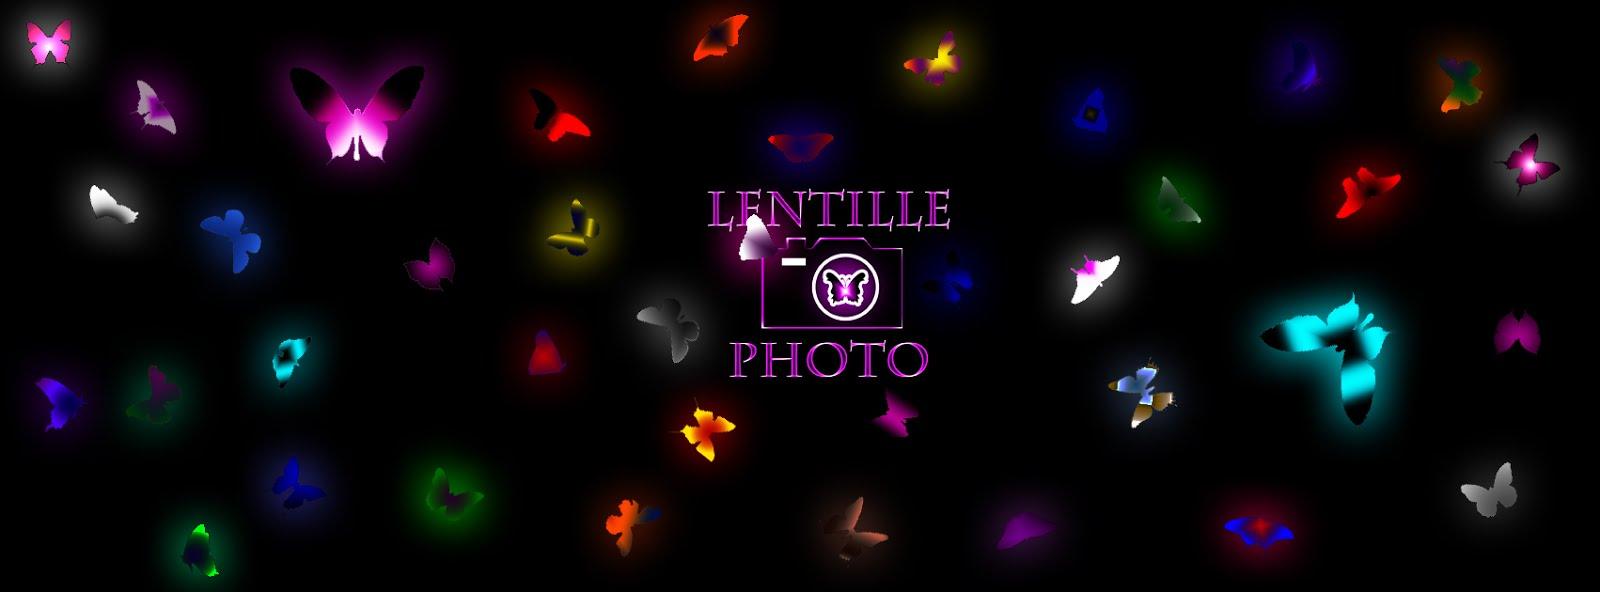 Lentille Photo